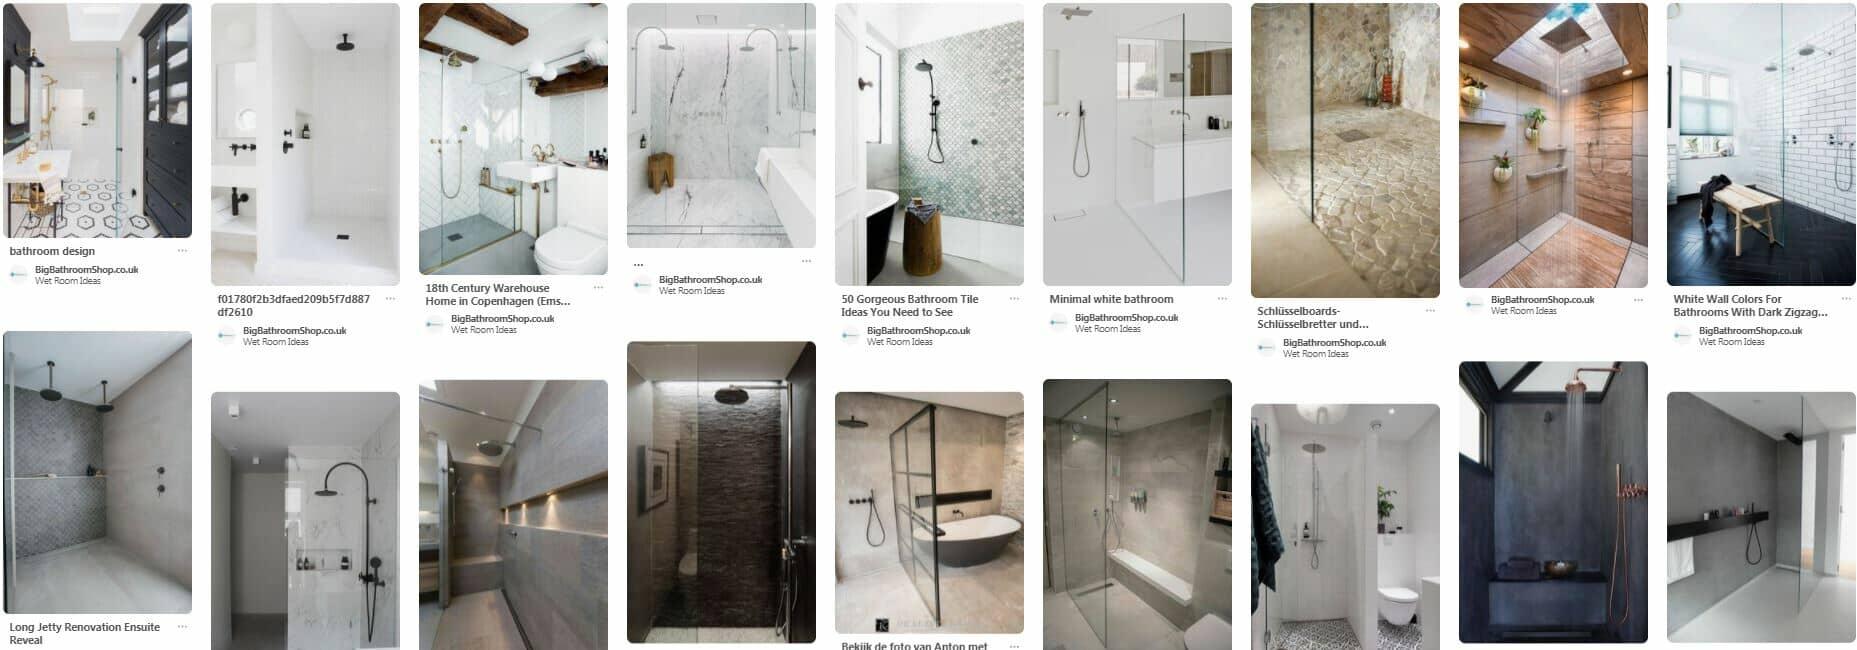 wet room ideas pinterest board